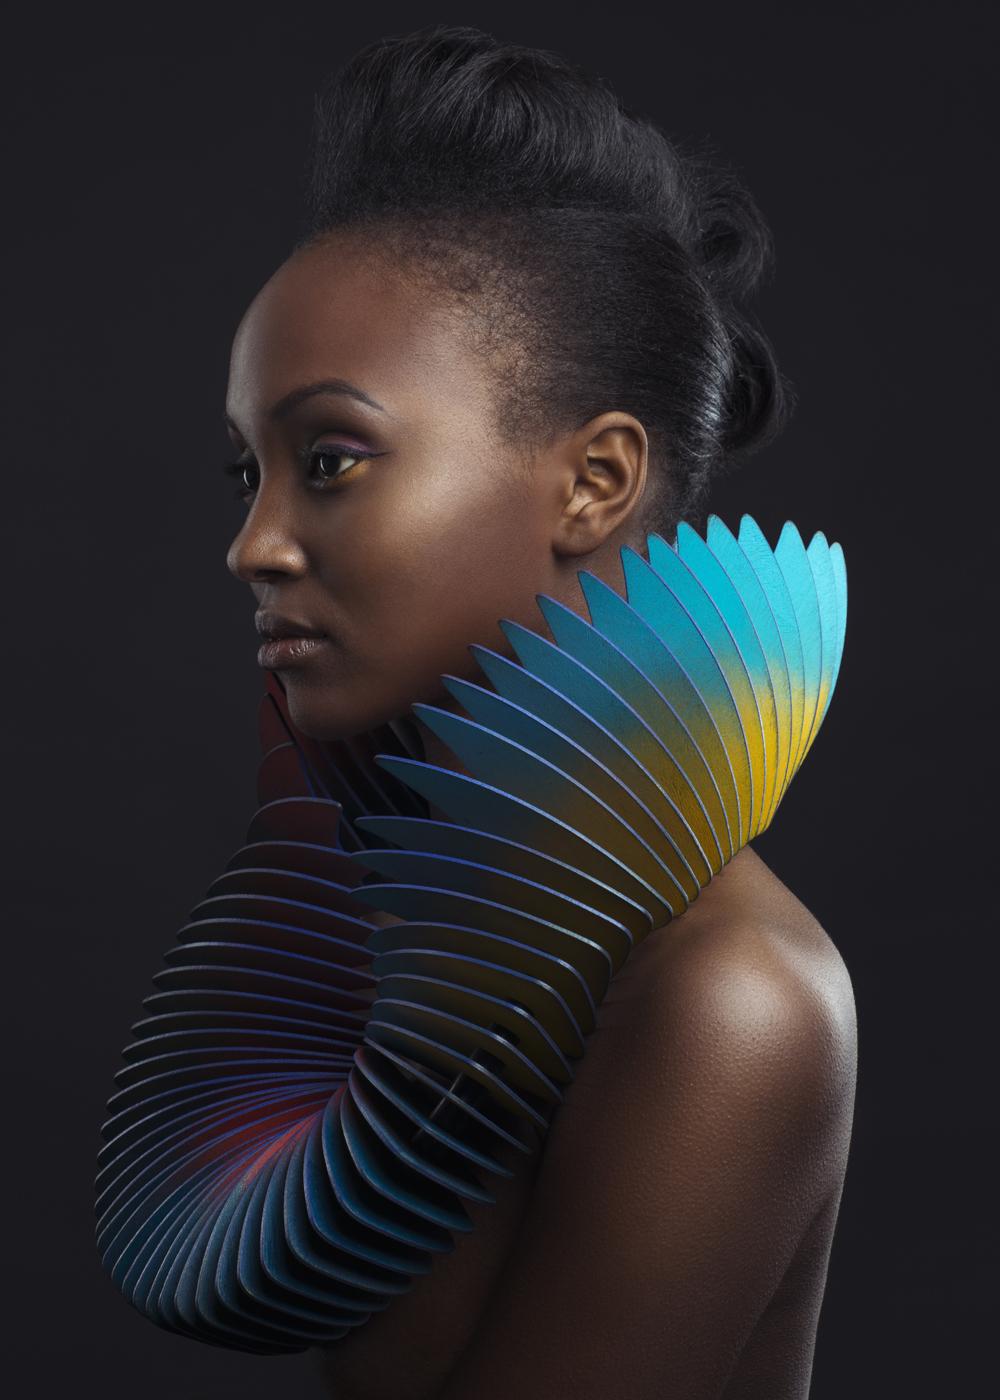 Photograph: Chris Bulezuik  Model: Reem  Hair:  Jesus Oliver  Makeup: Ximena Rodriguez